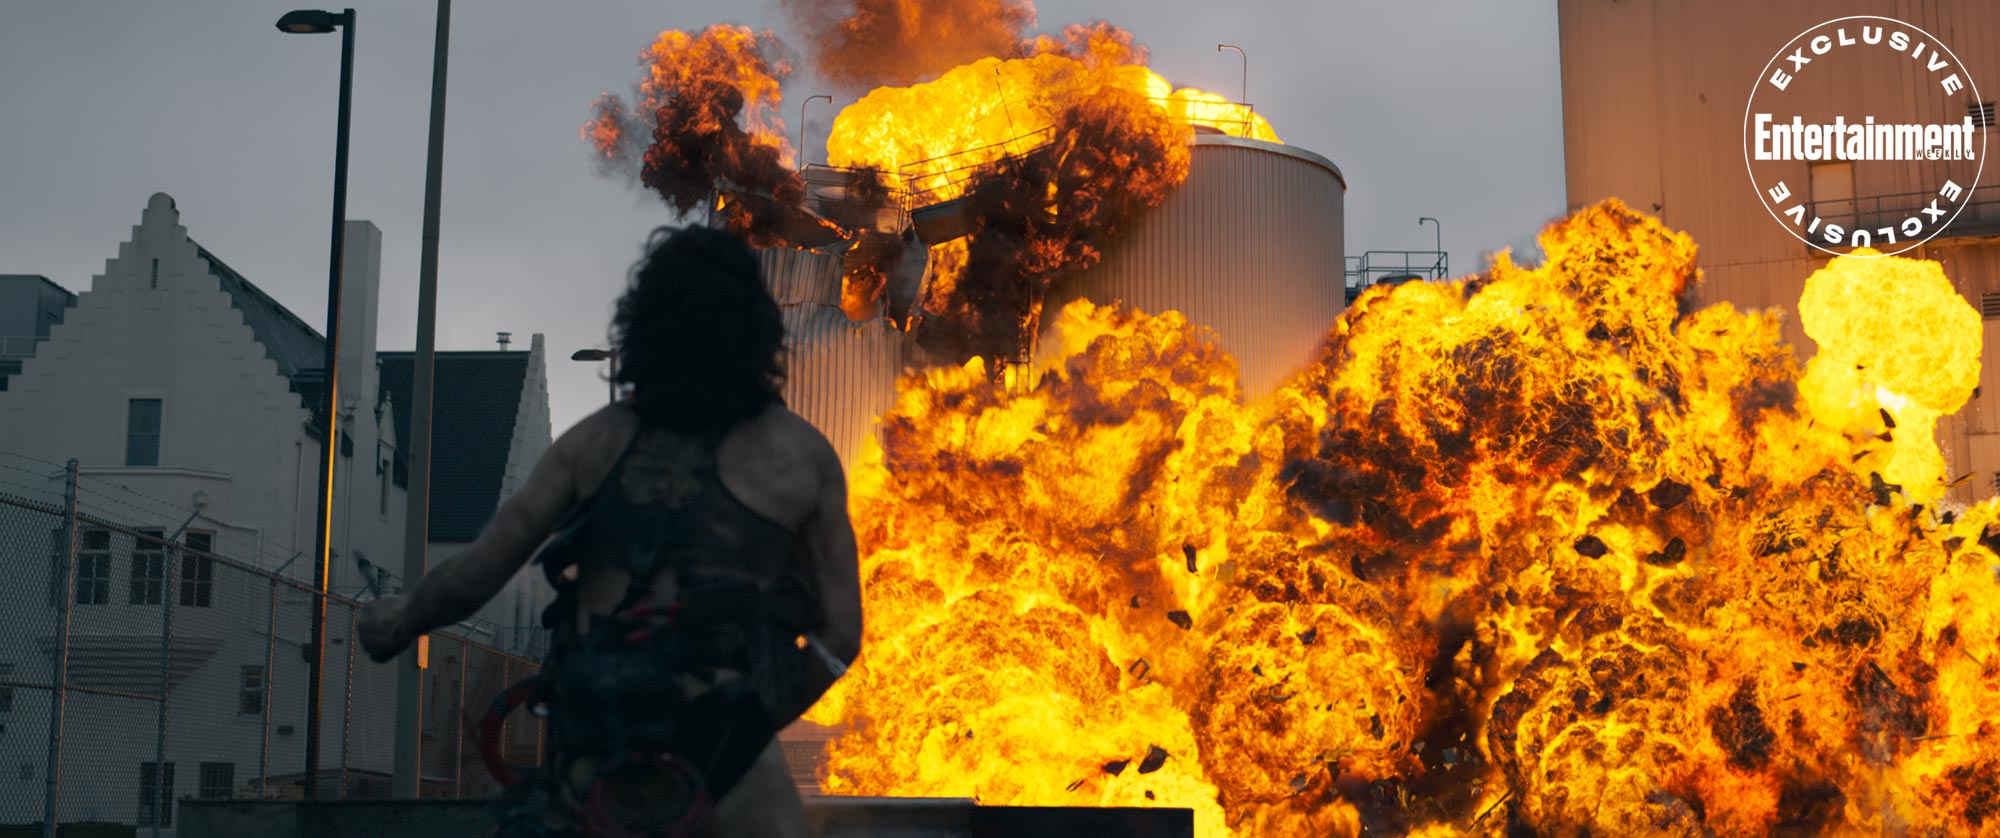 Bastion - Ezra Miller jako Śmieciarz